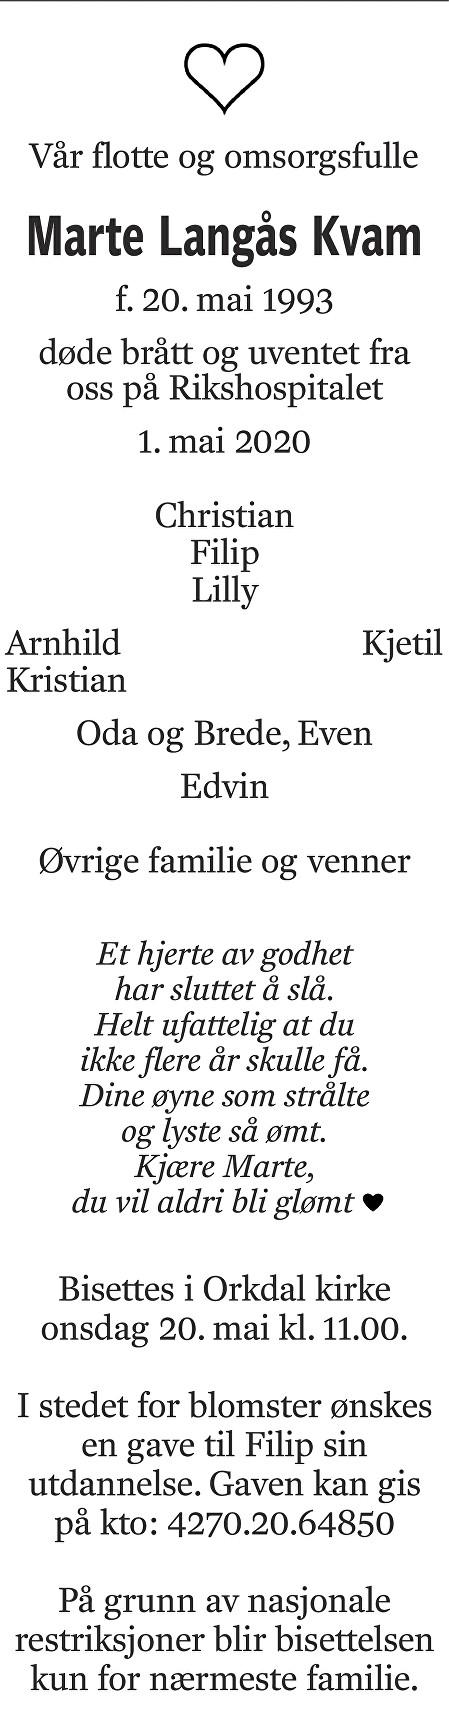 Marte Langås Kvam Dødsannonse